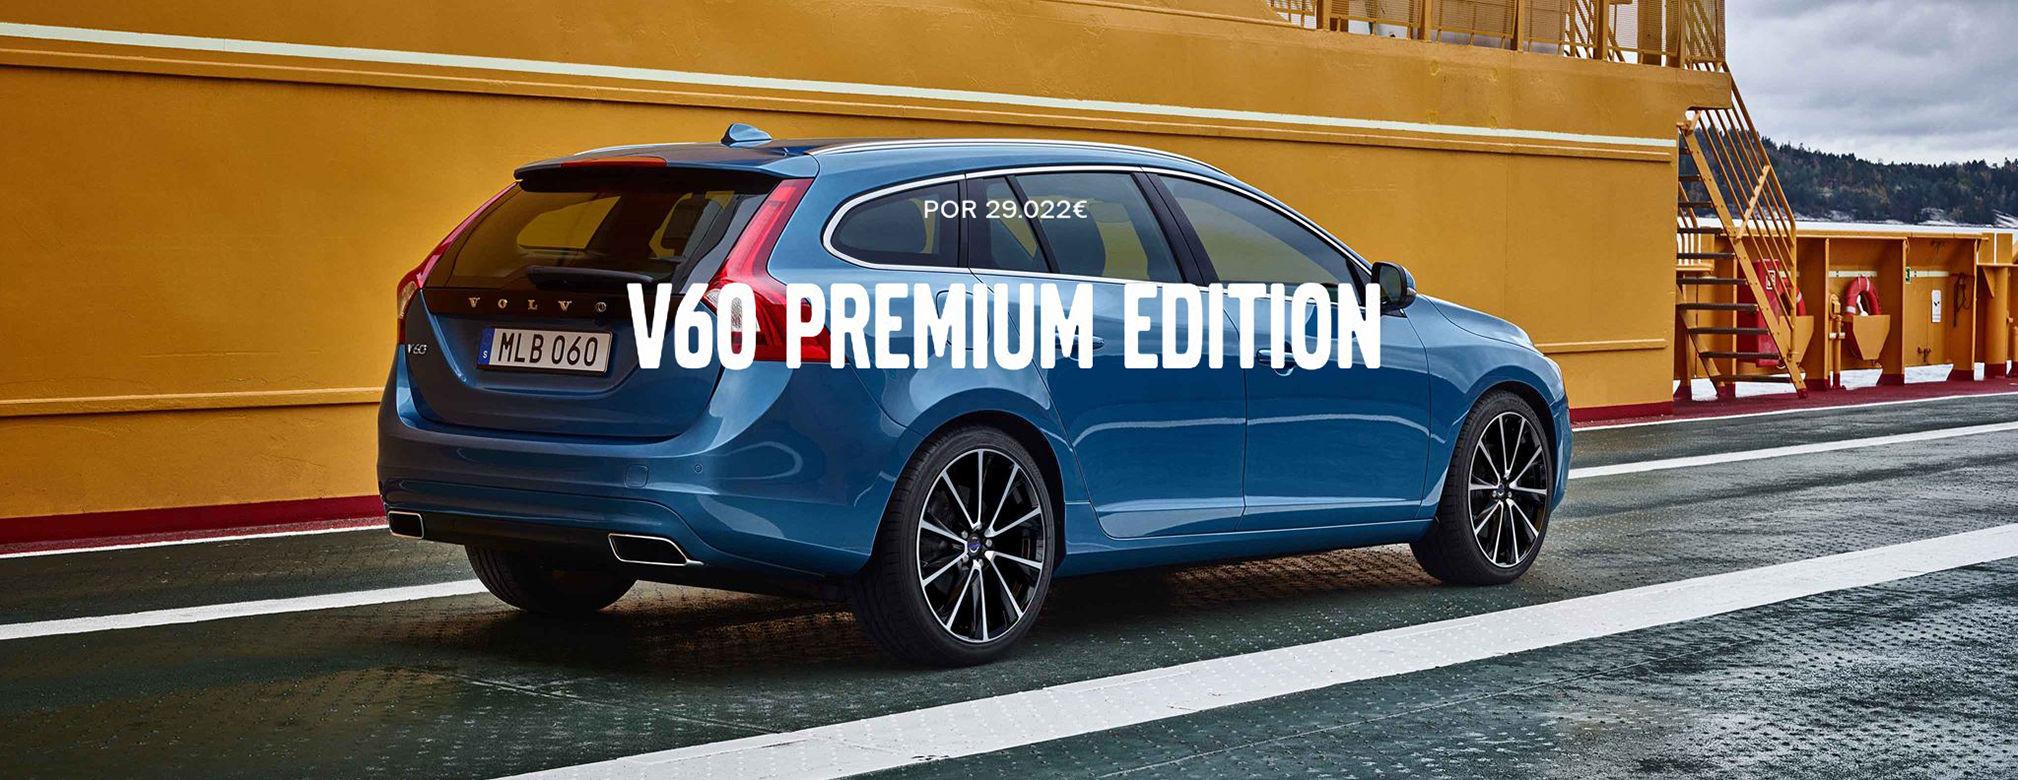 V60 PREMIUM EDITION